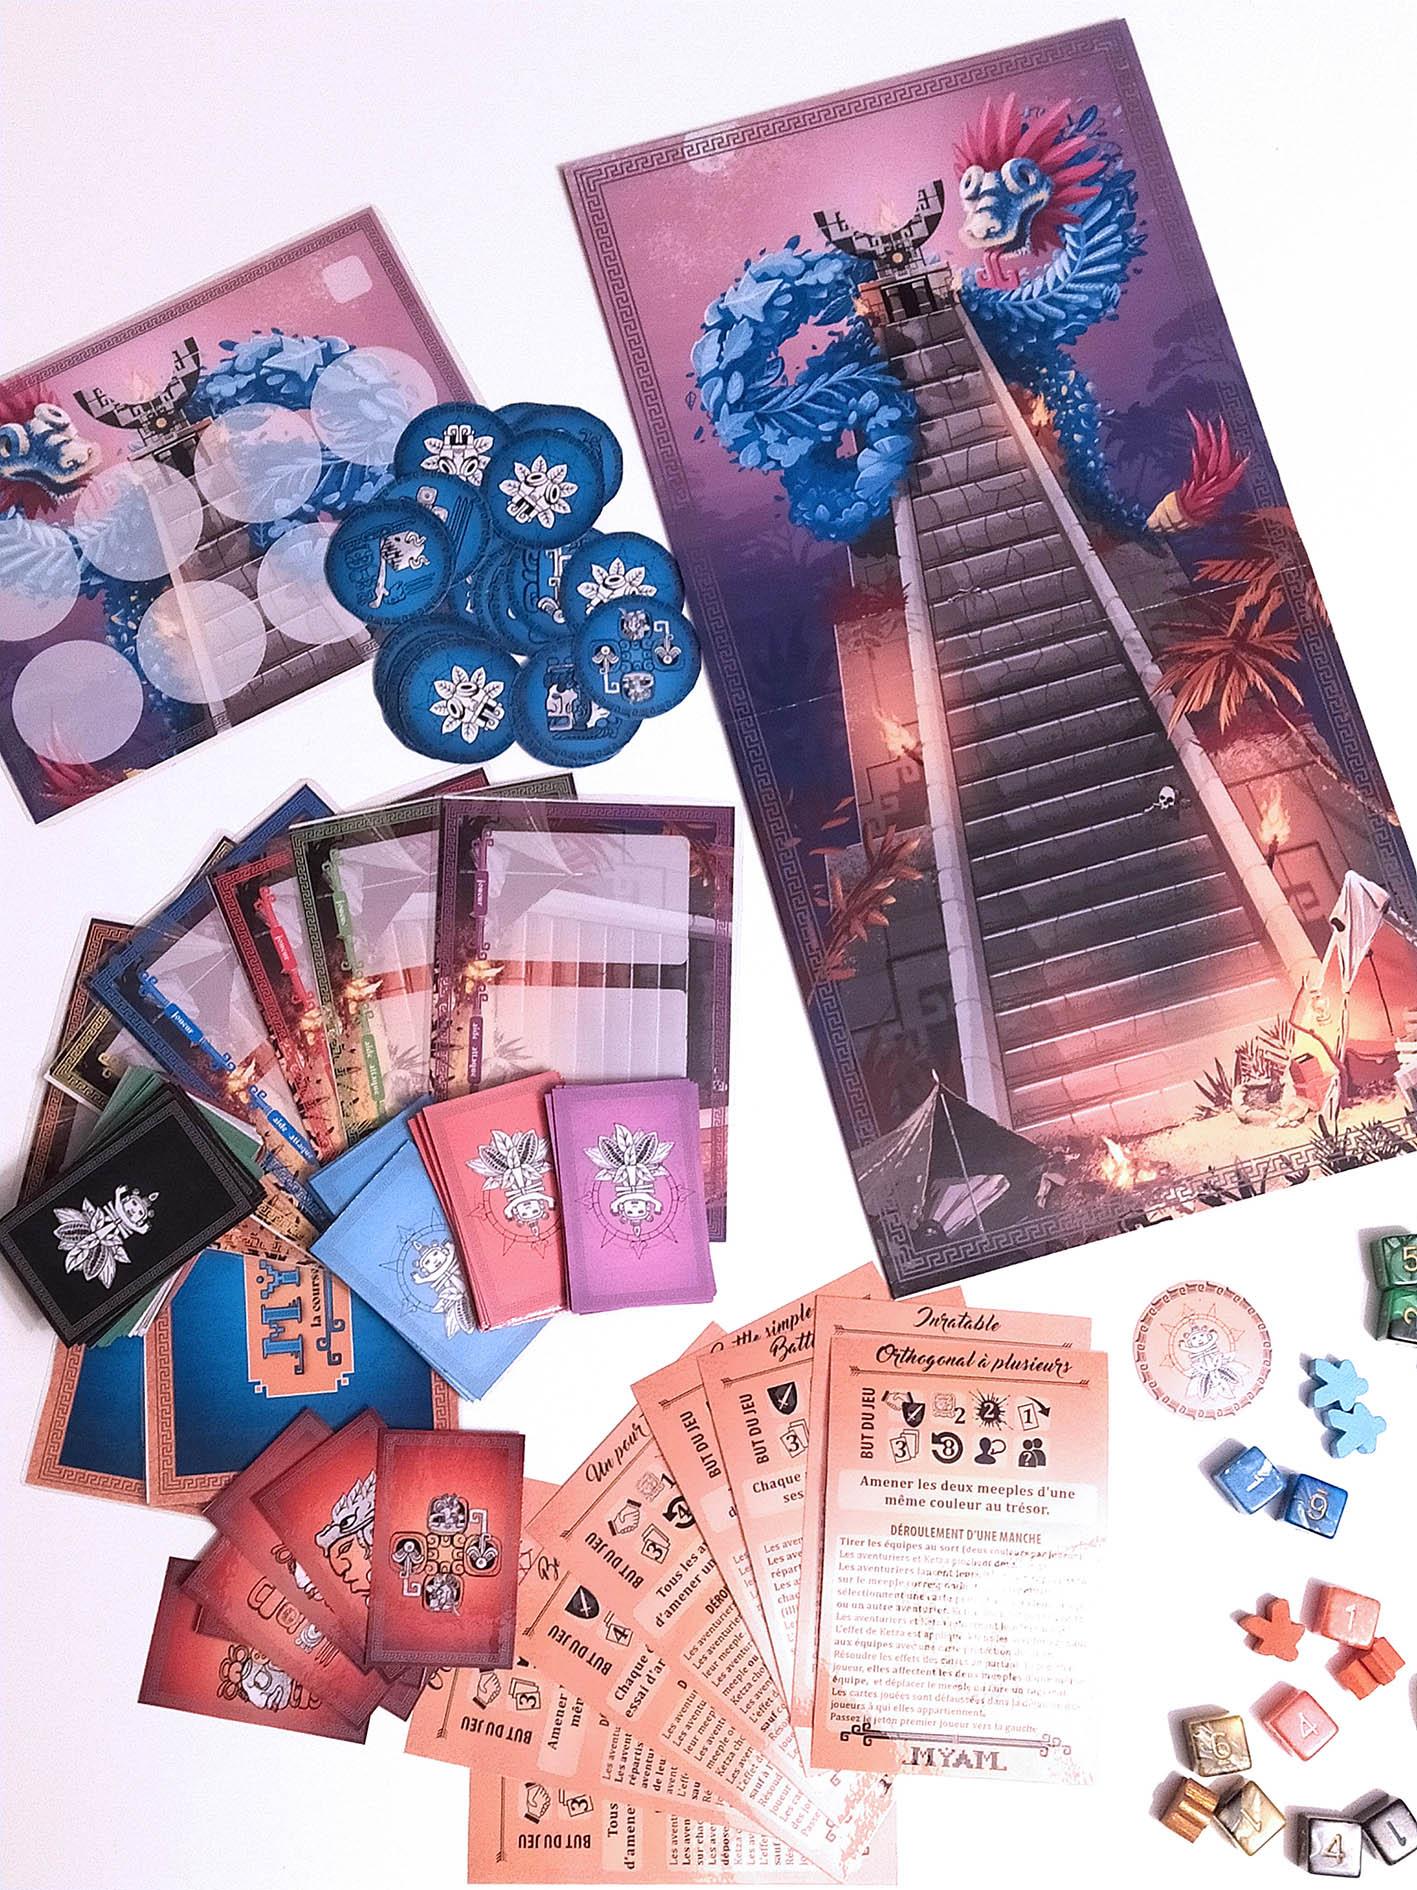 jeu de société - game - illustration - azteque-maya - chocolat - infographie - graphiste lyon - abys